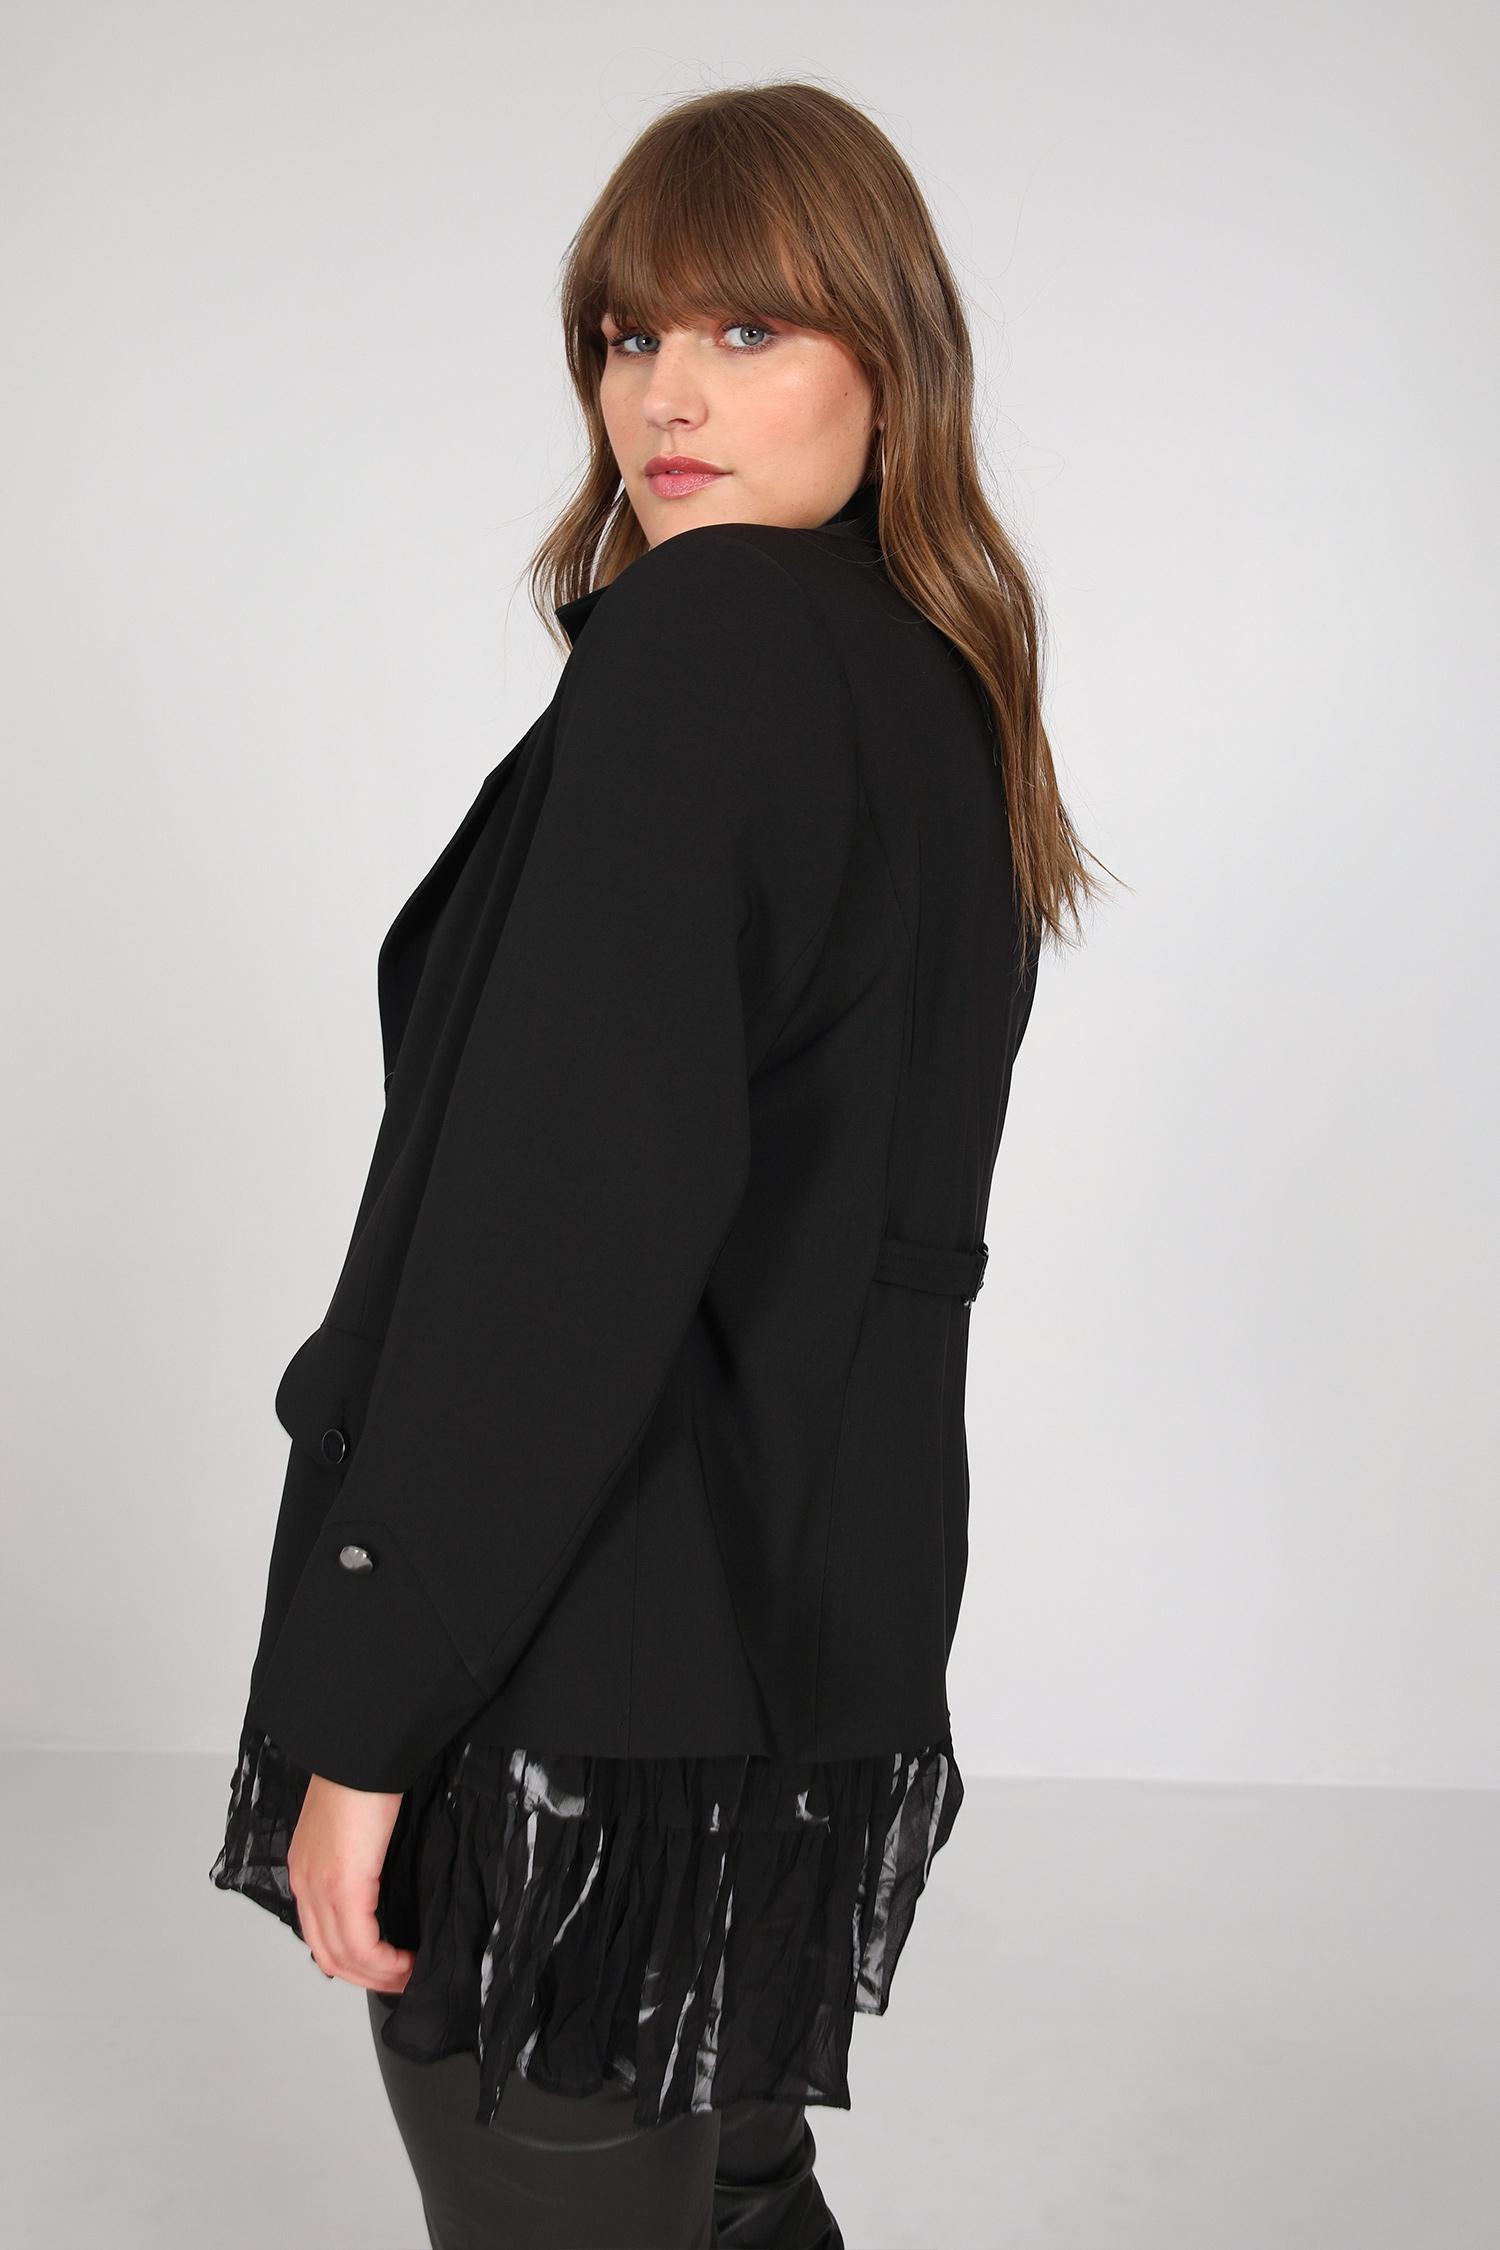 Plain suit jacket